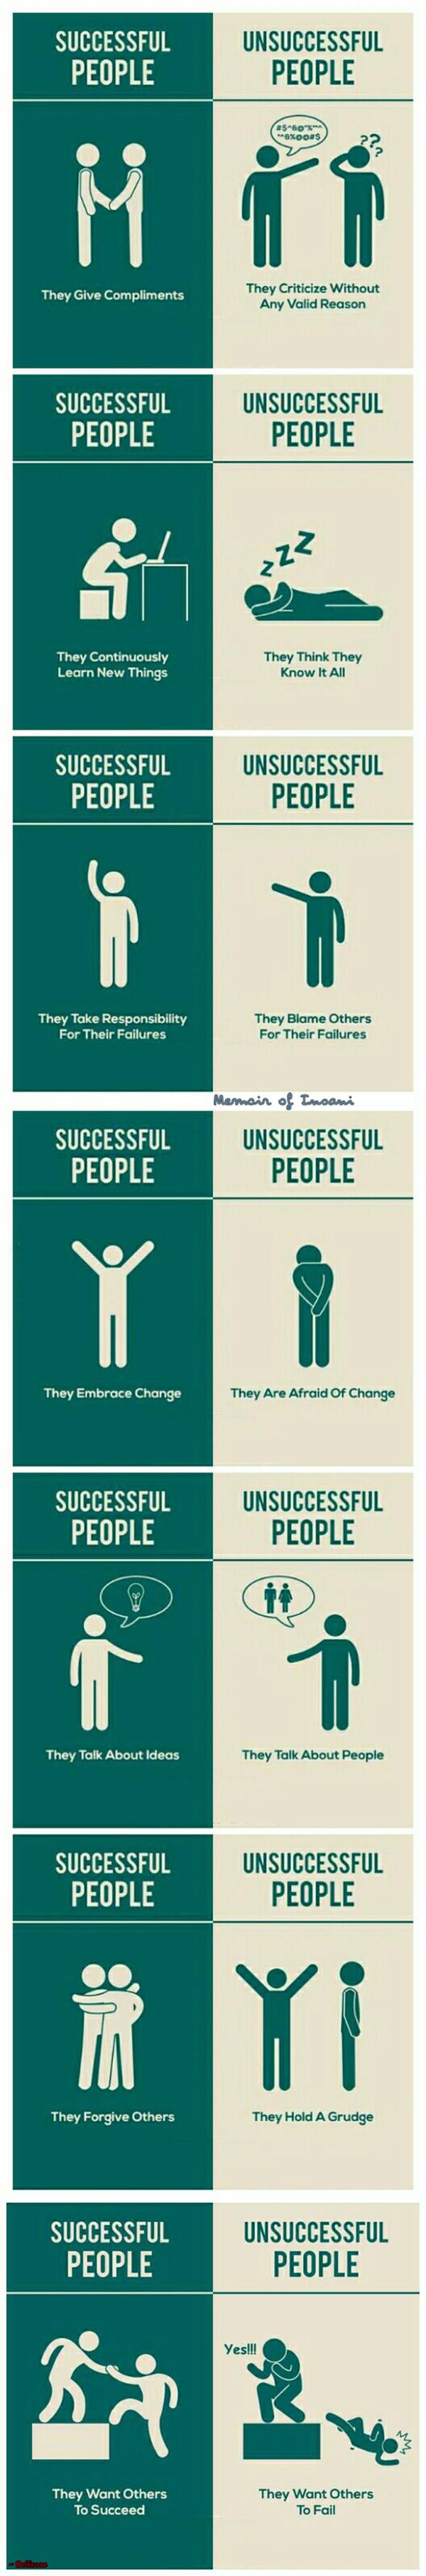 Sikap, Tabiat dan Ciri-ciri Insan Berjaya. http://memoirinsani.blogspot.com Differences Between Successful And Unsuccessful People. Hits close to home. Too close.